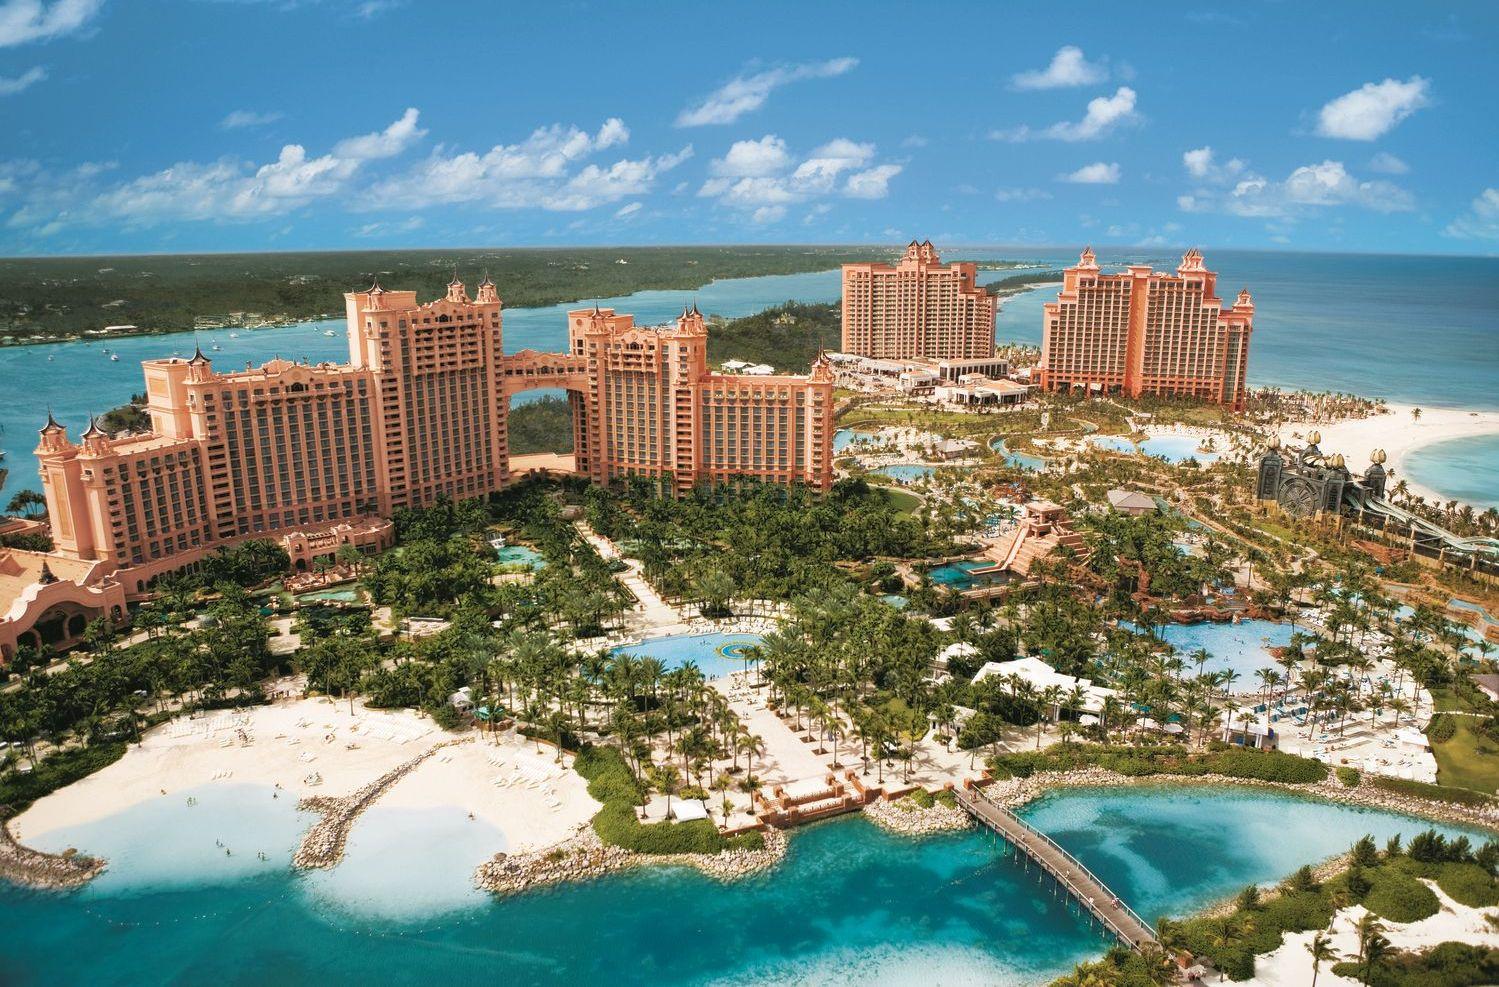 Stort hotelkompleks på Bahamas – uberørt af orkanen Irma i september sidste år. Arkivfoto.